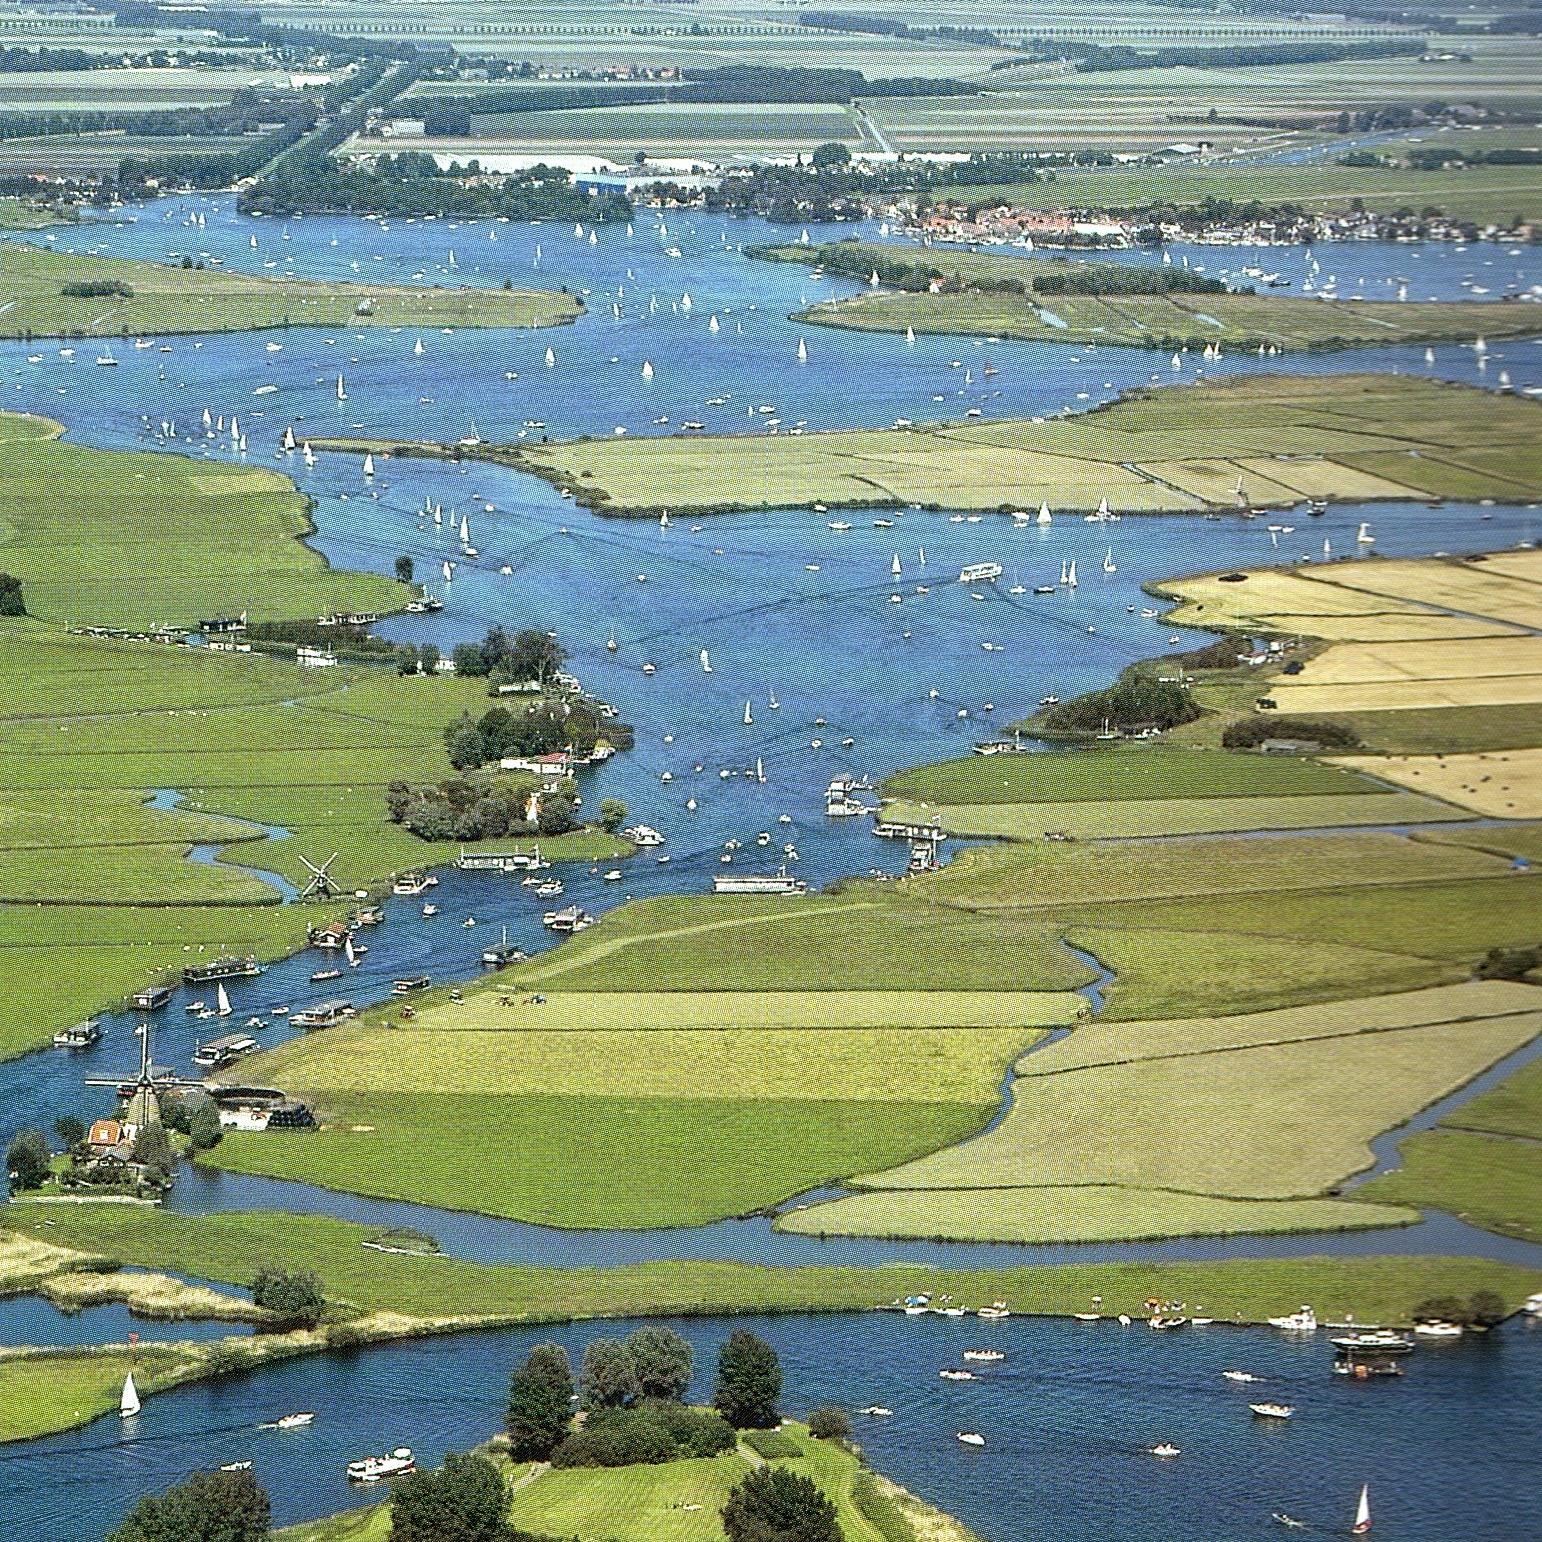 Luchtfoto van de Kagerplassen in het hoogheemraadschap van Rijnland |  Waterschappen.nl